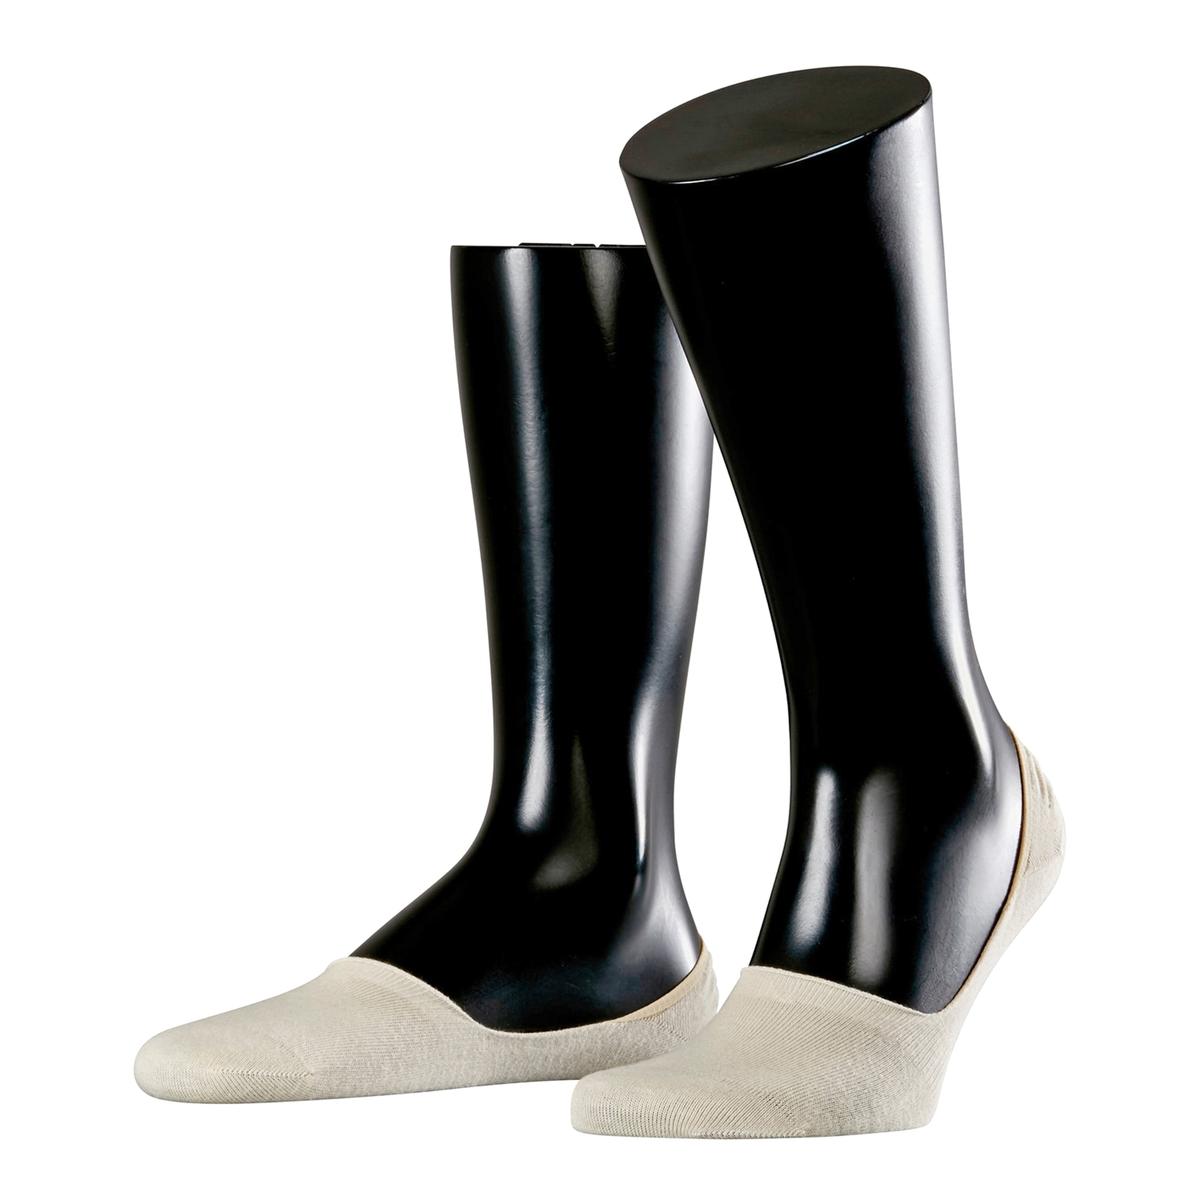 Носки Invisible, 2 пары2 пары носков Invisible от ESPRIT  :Носите эти носки для повышения комфорта обуви, не нарушая эстетичности вида, т.к. они практически незаметны. Состав и описание: :Материал : 75% хлопка, 23% полиамида, 2% эластана.Марка : ESPRIT.<br><br>Цвет: бежевый<br>Размер: 39/41